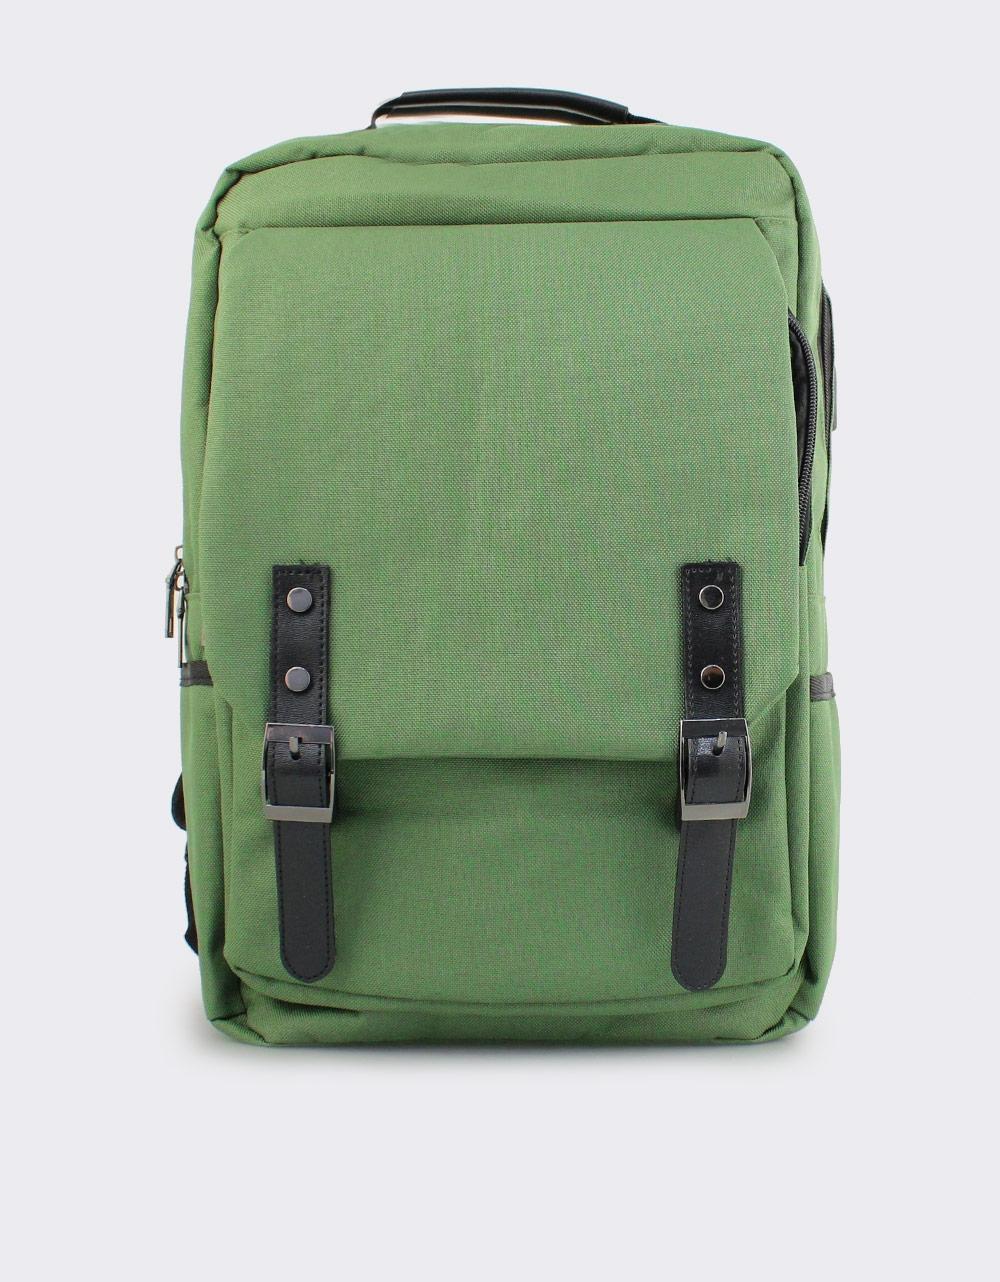 Εικόνα από Ανδρικά σακίδια πλάτης με διπλούς τοκάδες Πράσινο